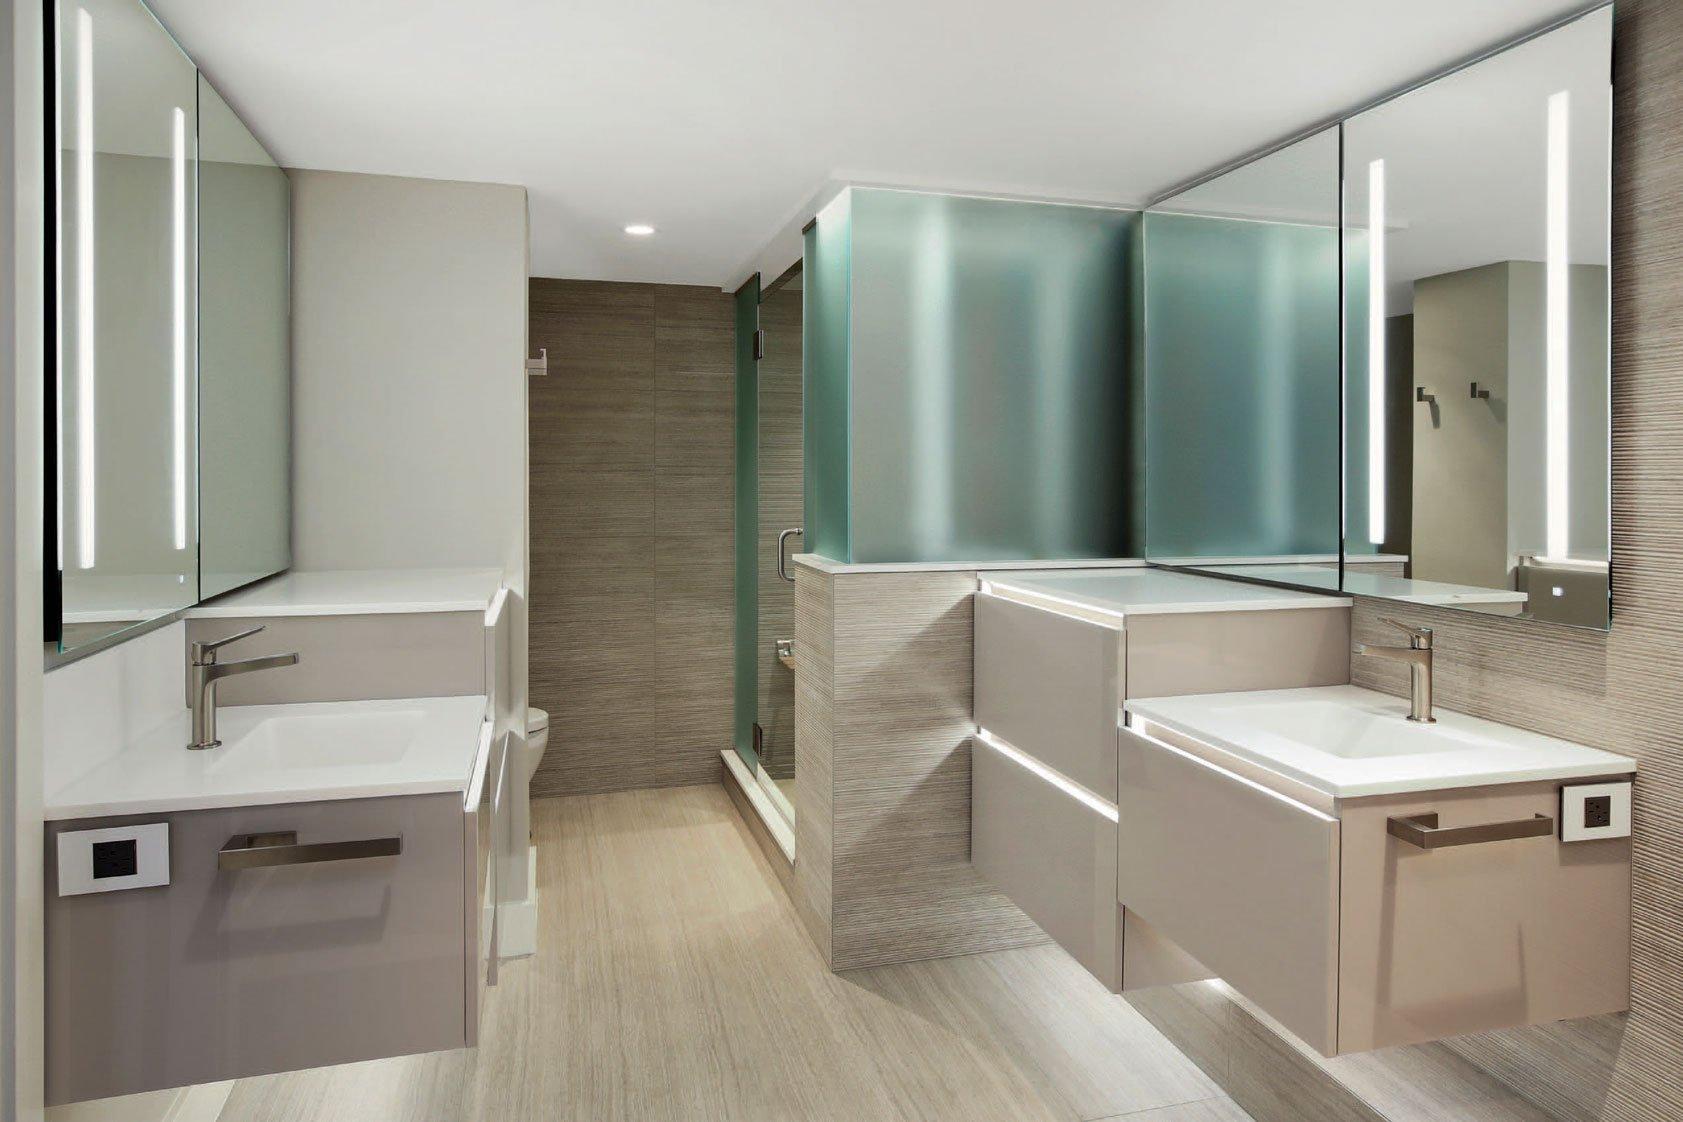 Remodeled bathroom by Mark Design.